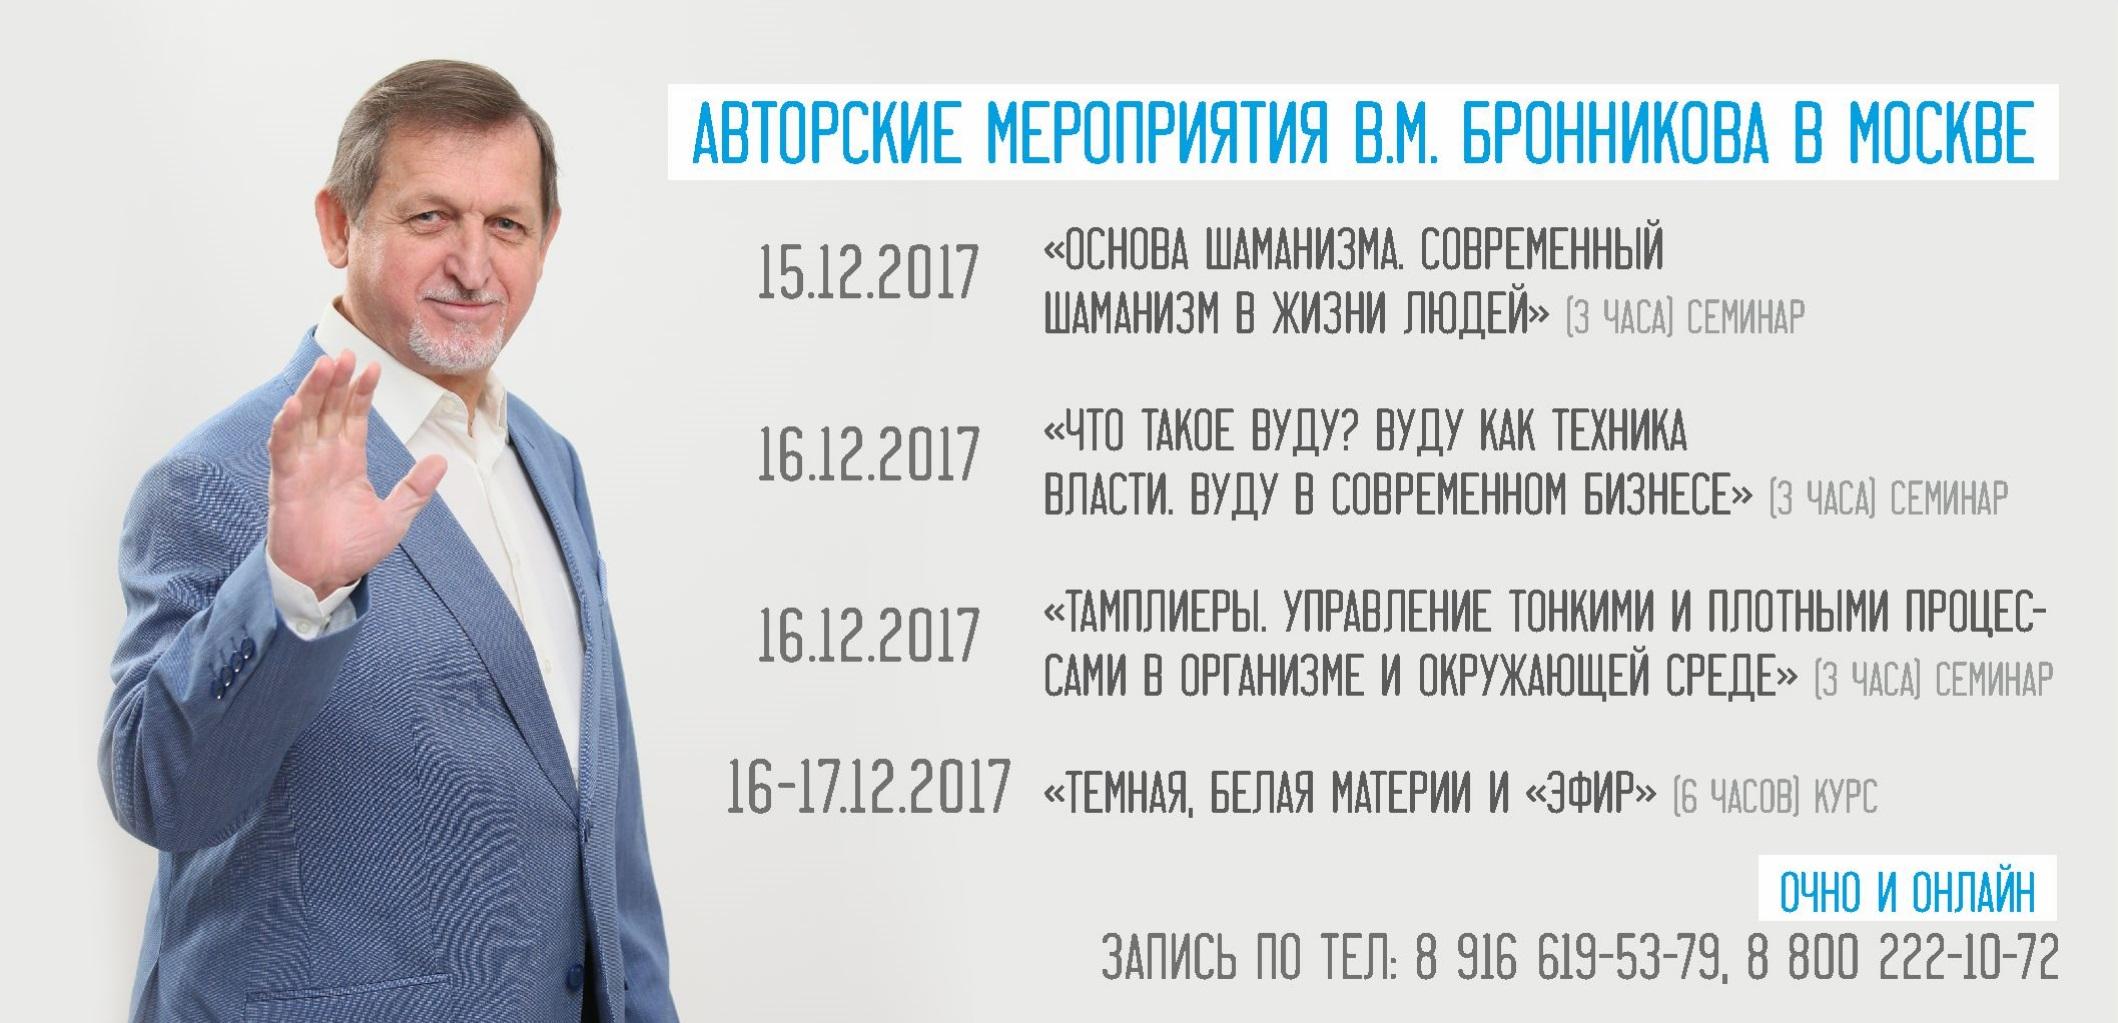 Авторские мероприятия в Москве с 15 — 17 декабря